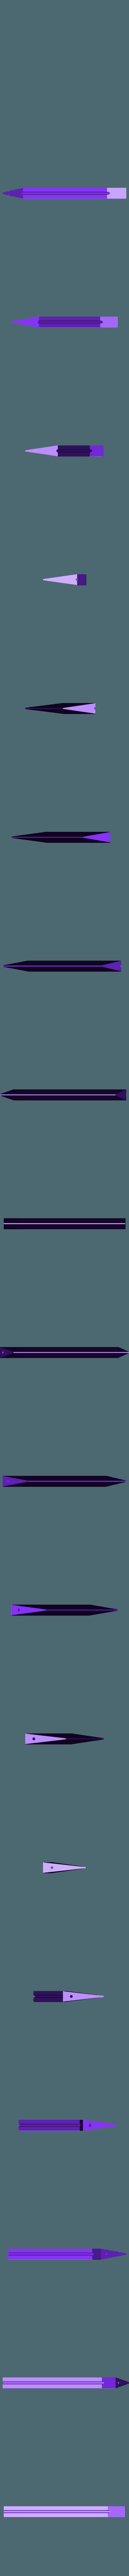 300x300x350 - Silver - Blade - Part 2.stl Download STL file Final Fantasy VII - Buster Sword - Bracelet - Shoulder pad  • 3D print model, 3Dutchie